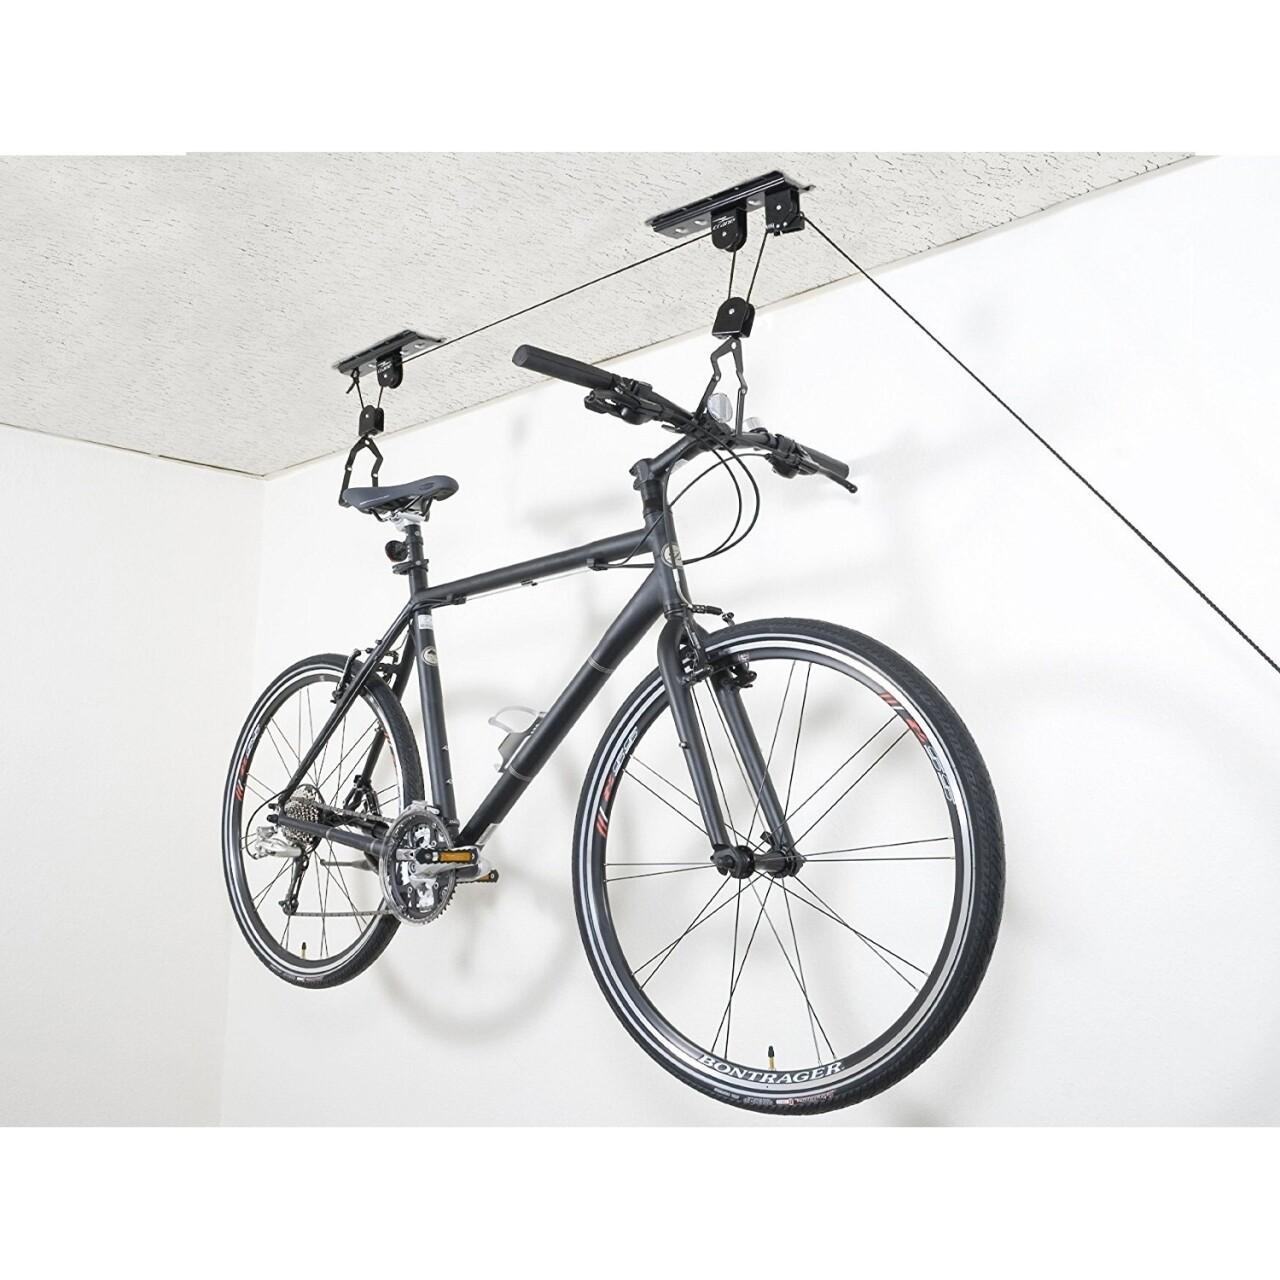 Suport de tavan pentru bicicletă